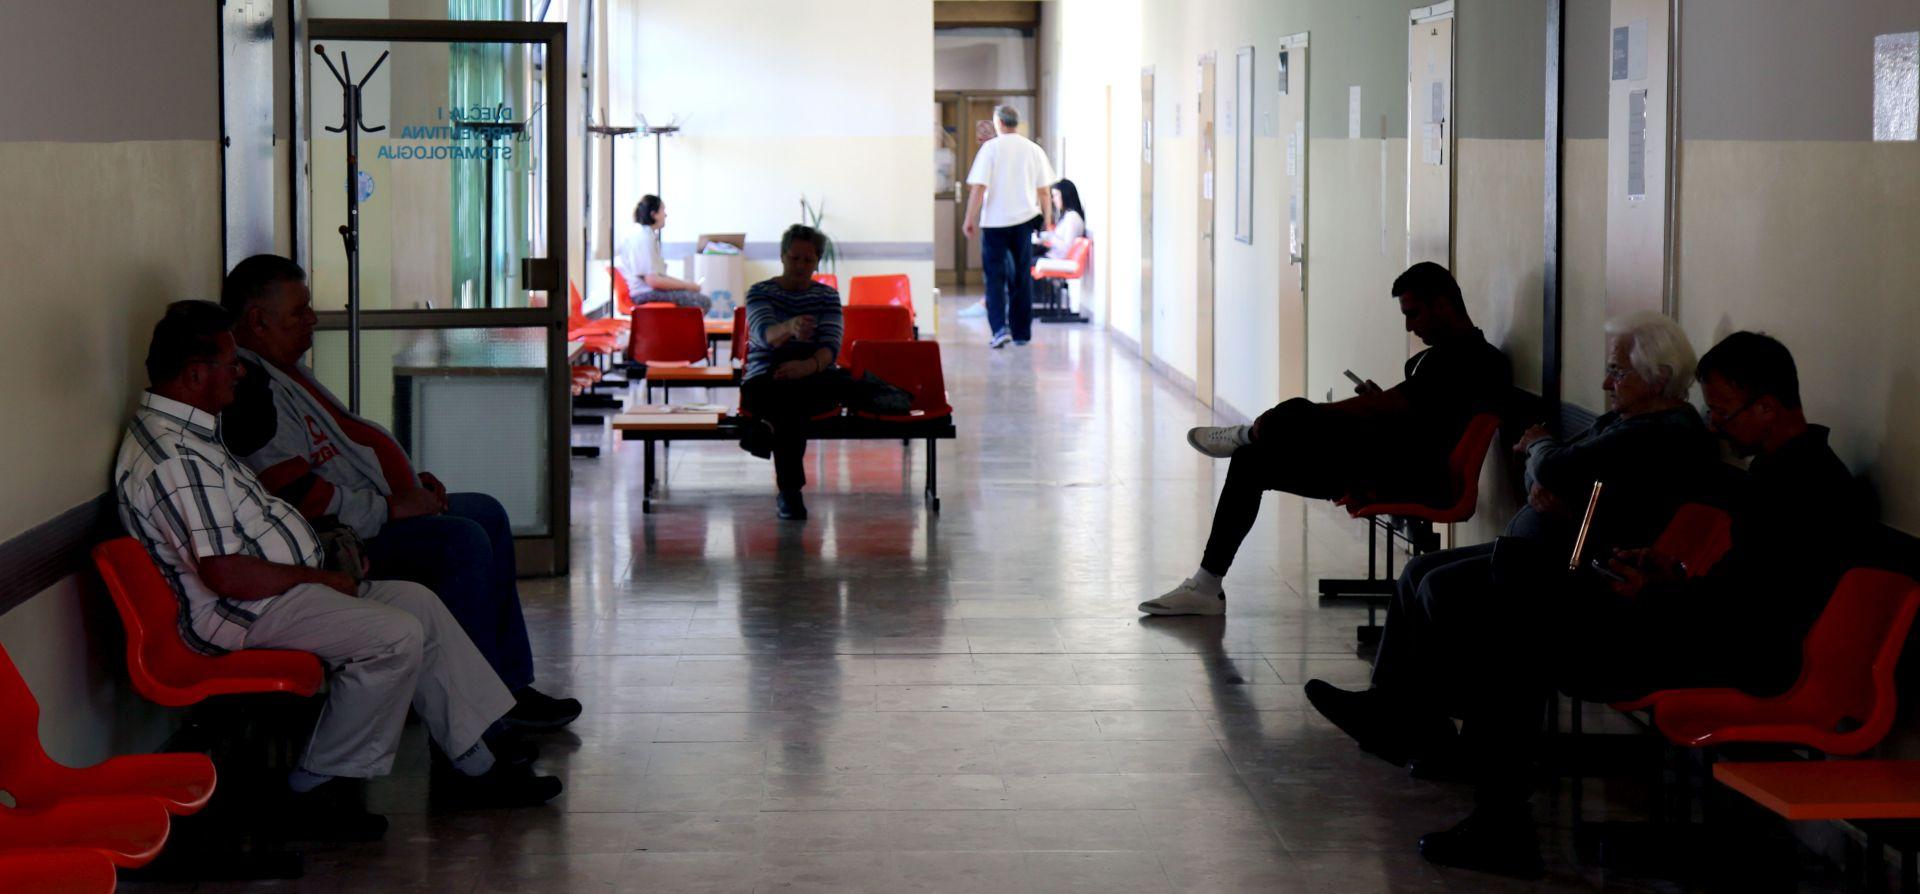 Oko 700 ordinacija radi usporeno; 20 minuta po pacijentu